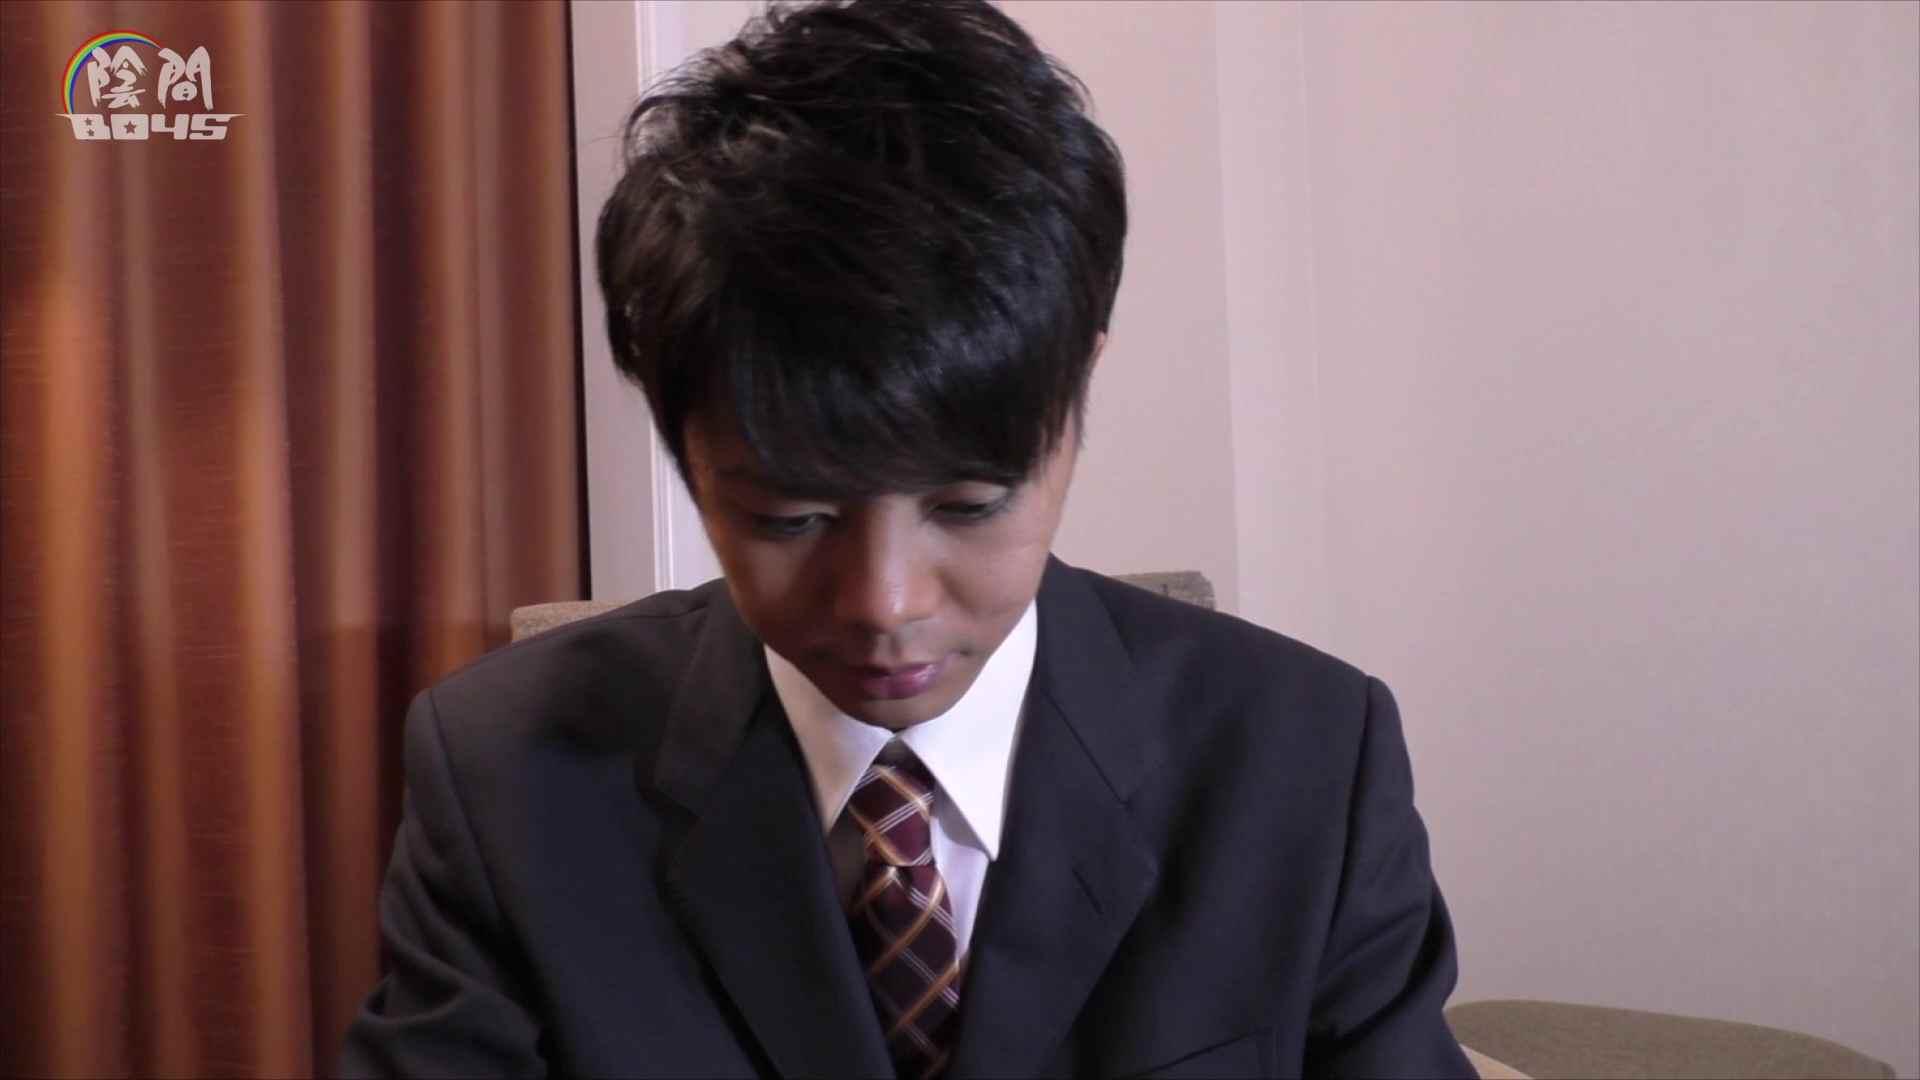 陰間BOYS~キャバクラの仕事はアナルから4 Vol.01 アナル ゲイザーメン画像 82枚 33